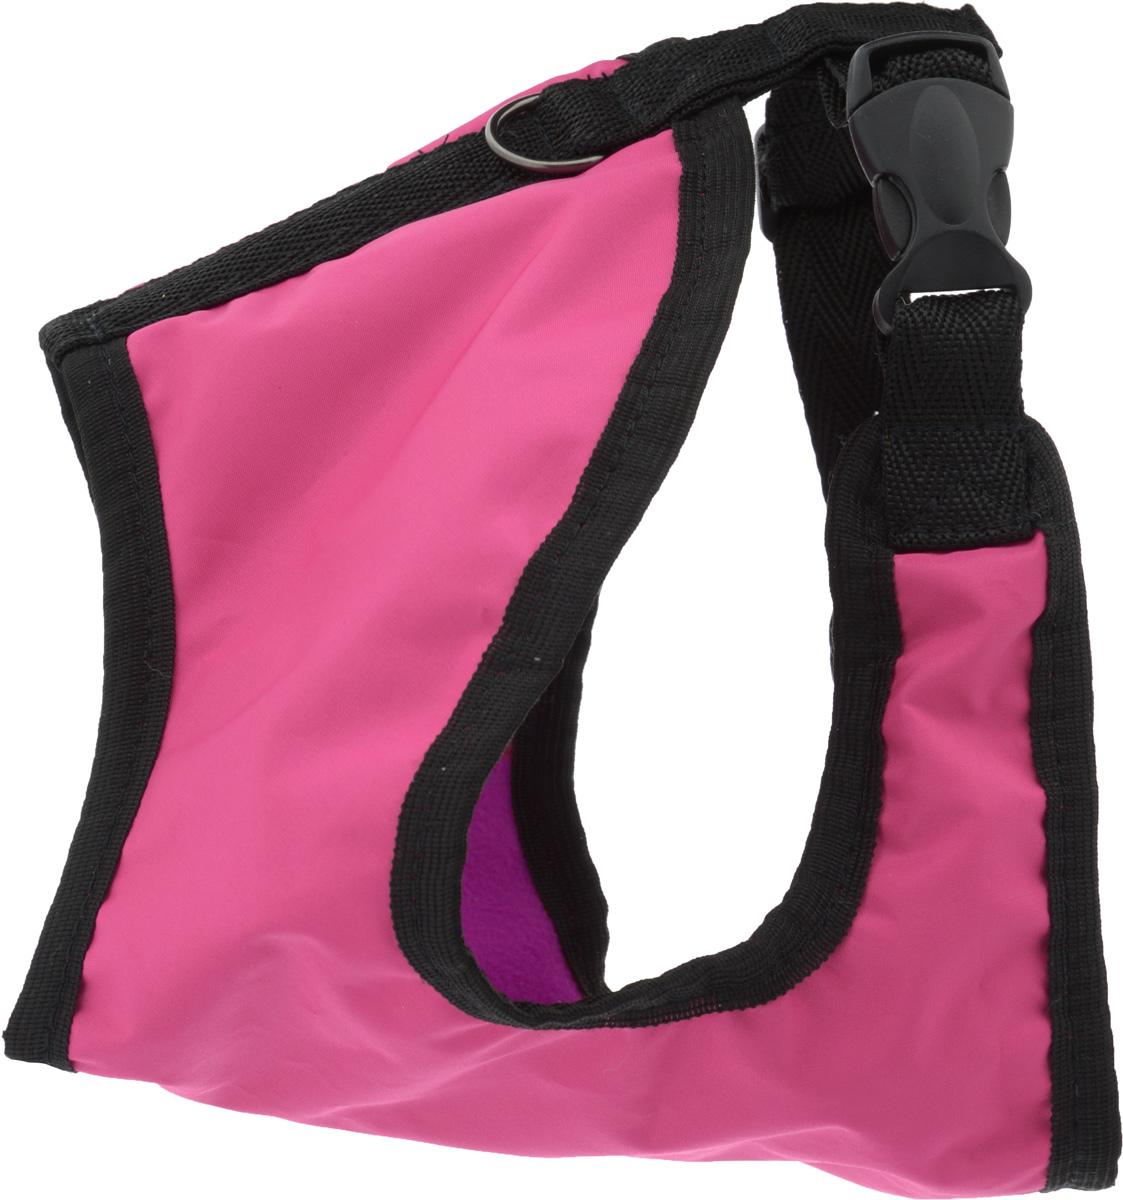 Шлейка для собак ЗооМарк, цвет: фуксия, розовый флис, черный. Размер: 2Ш-2_розовыйШлейка для собак ЗооМарк выполнена из оксфорда, а на подкладке используется флис. Изделие оснащено специальным крючком, к которому вы с легкостью сможете прикрепить поводок. Шлейка имеет застежку фастекс и регулируется при помощи пряжки. Шлейка - это альтернатива ошейнику. Правильно подобранная шлейка не стесняет движения питомца, не натирает кожу, поэтому животное чувствует себя в ней уверенно и комфортно. Изделие отличается высоким качеством, удобством и универсальностью. Обхват груди: 23-28 см. Длина спинки: 16,5 см. Ширина ремней: 2 см.